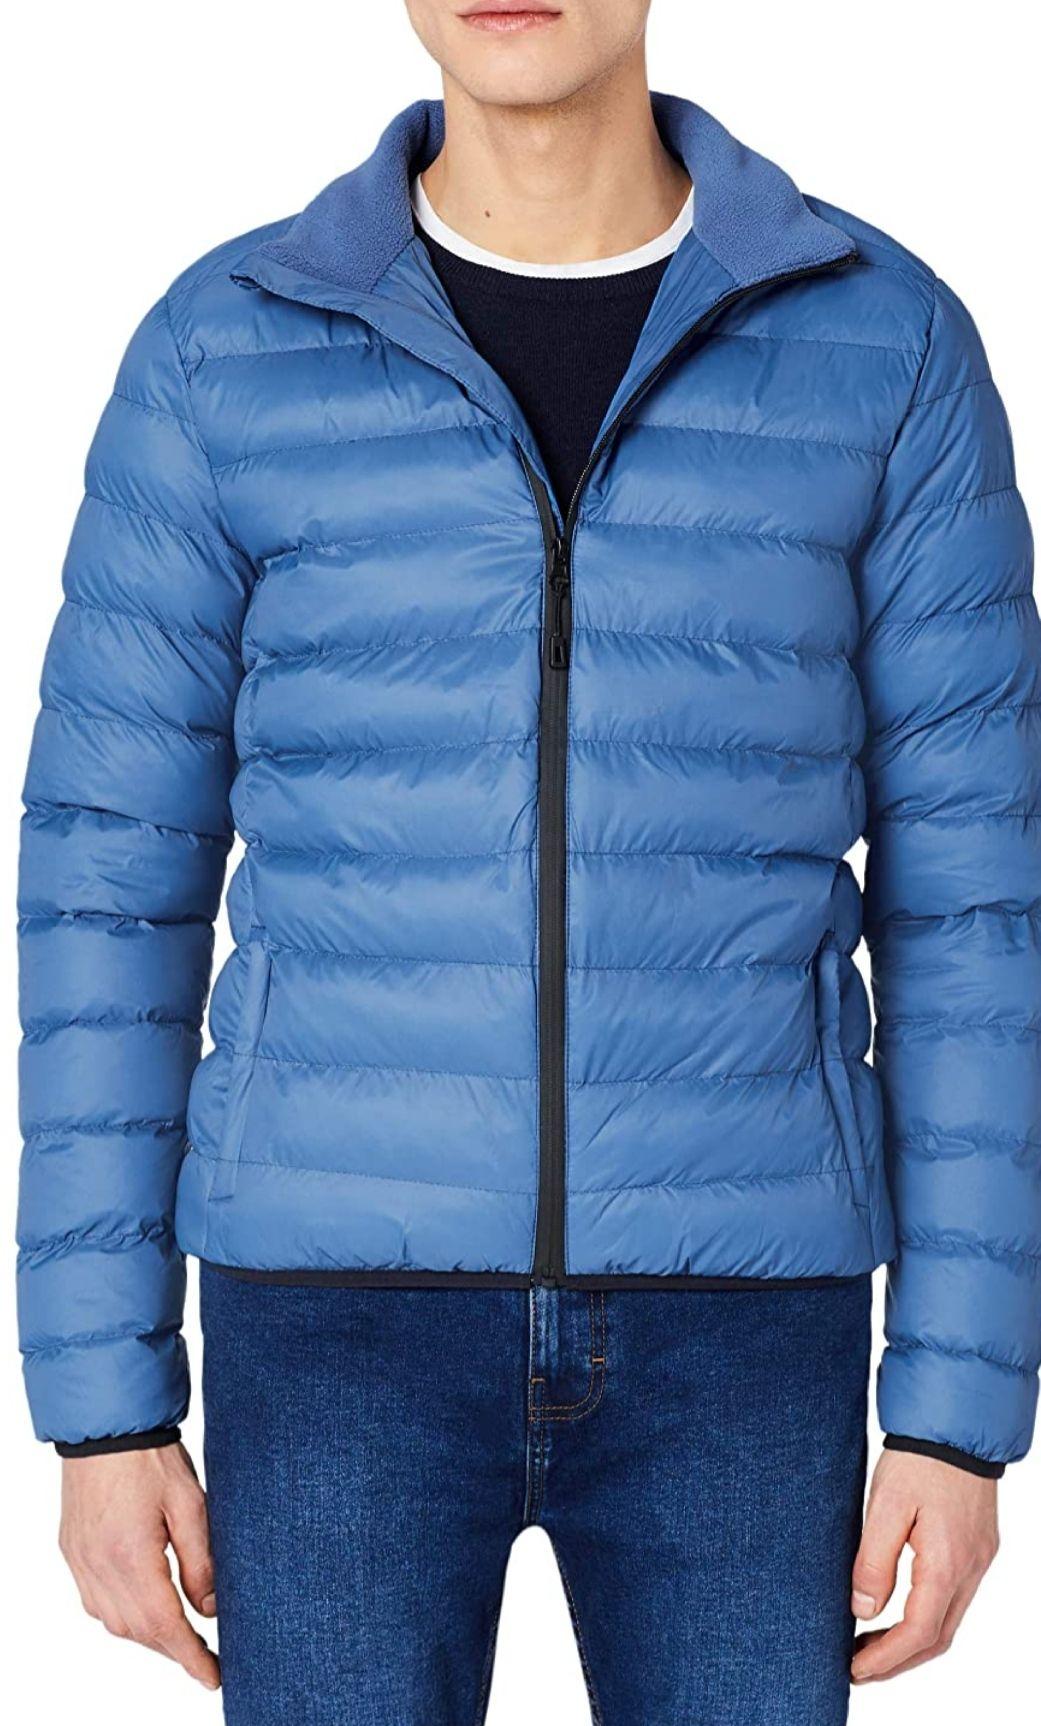 Meraki chaqueta hombre talla M. Alguna otra talla y color también a bien precio.